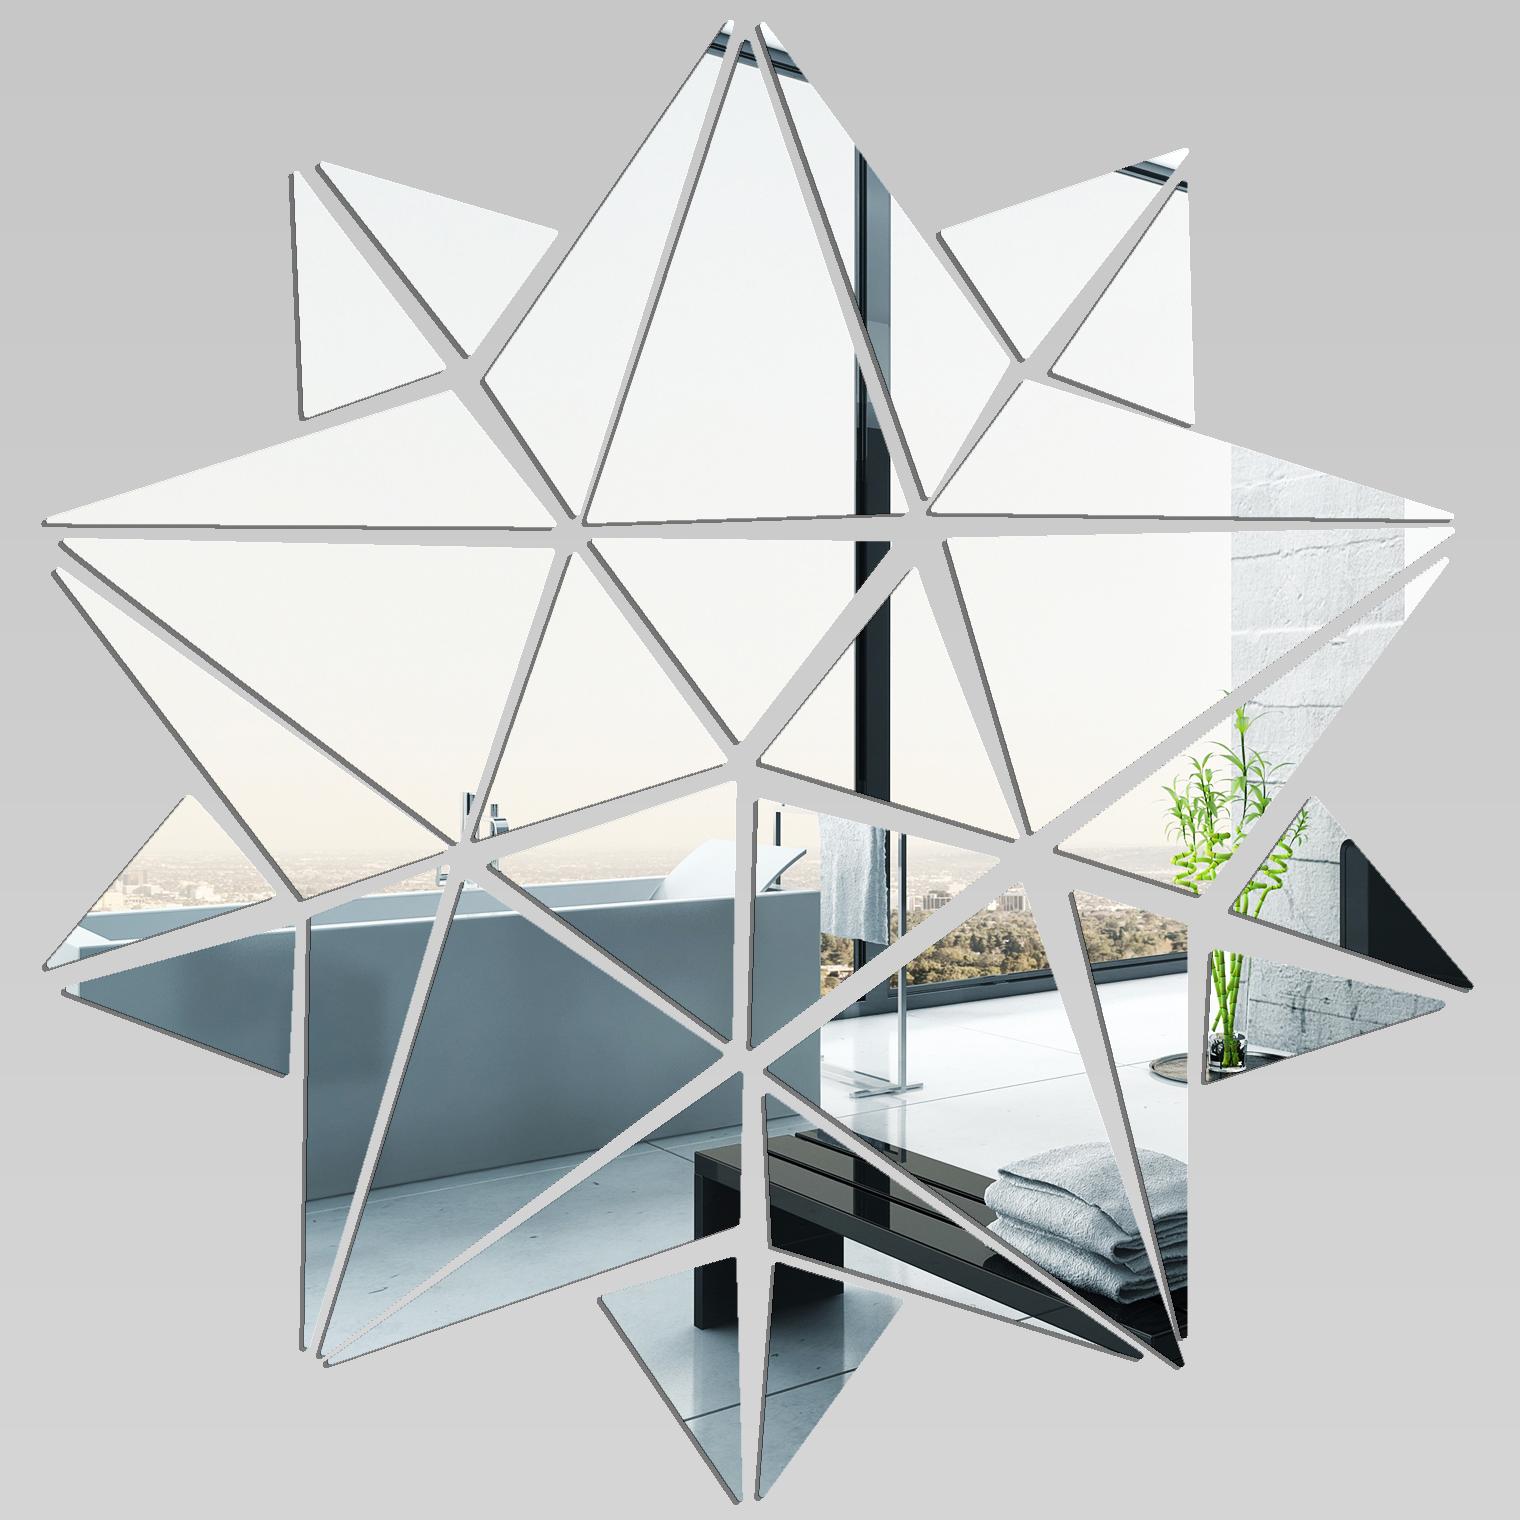 Miroir plexiglass acrylique etoiles mosa que pas cher for Miroir acrylique